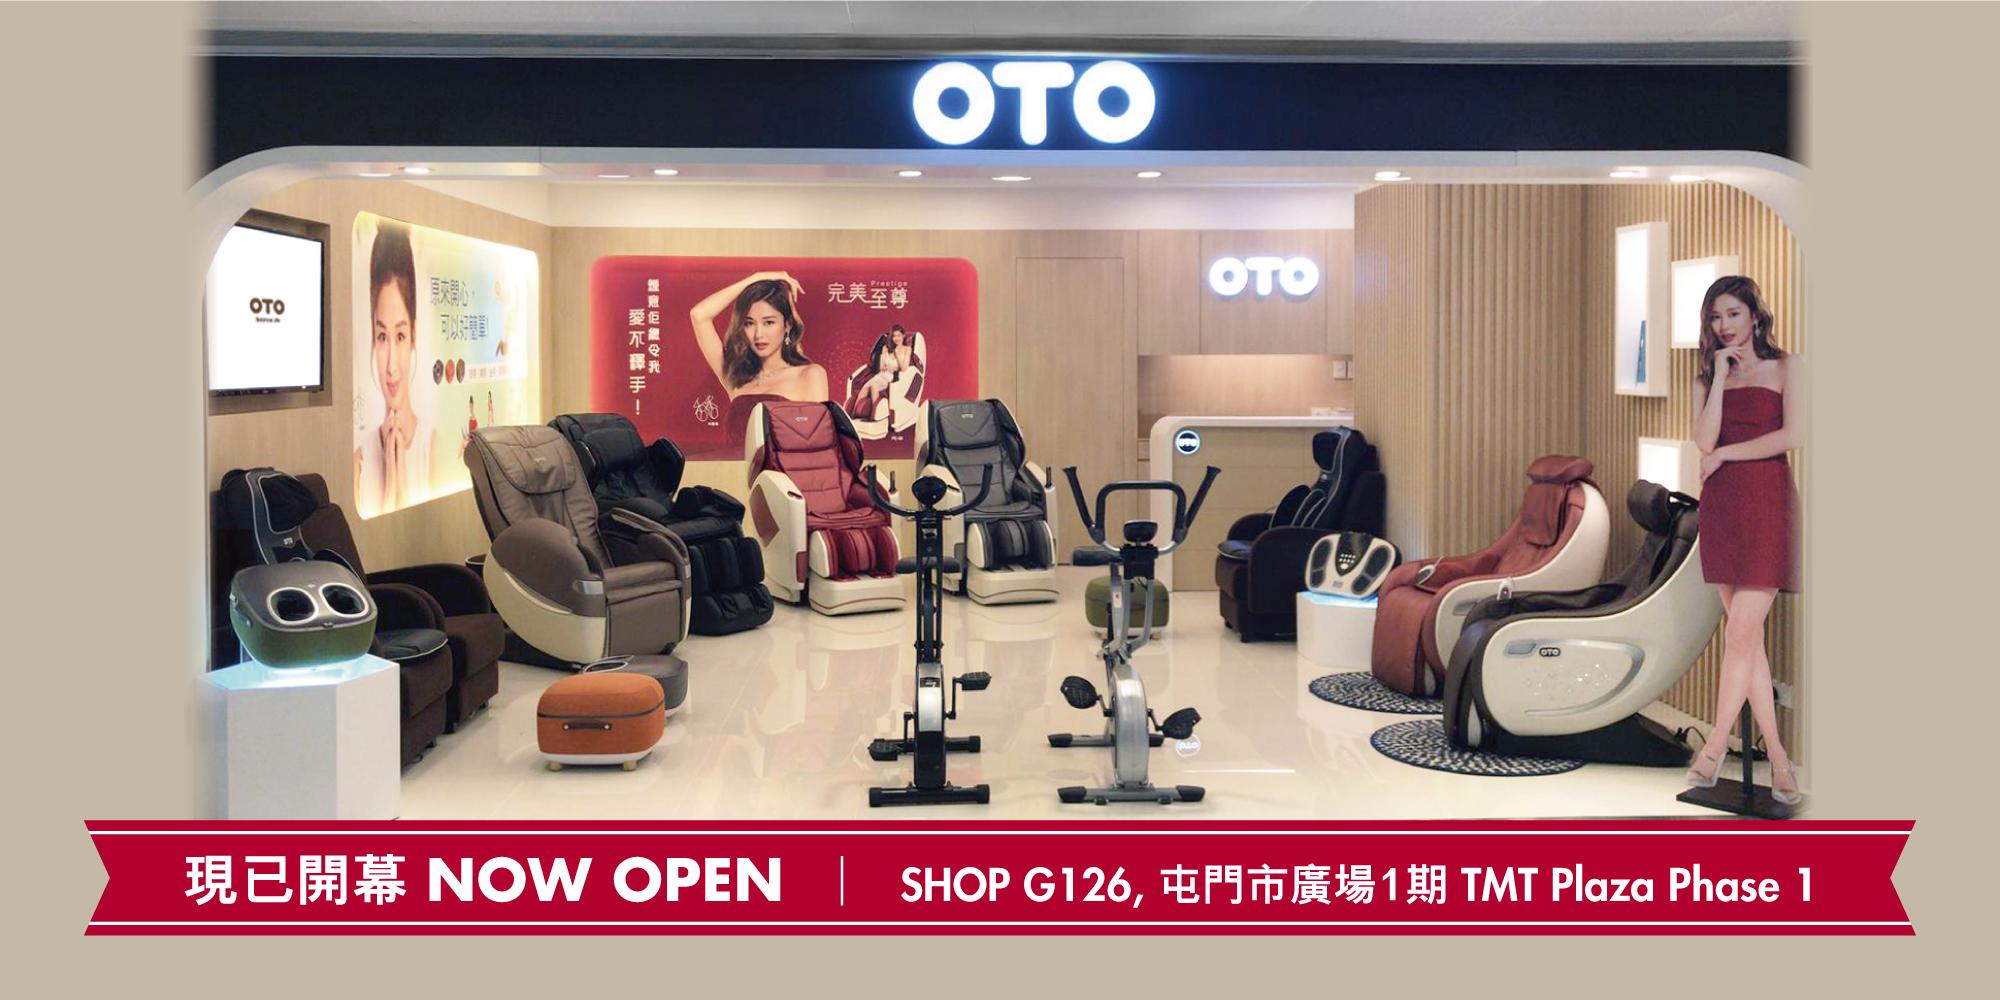 OTO屯門市廣場專門店隆重開幕